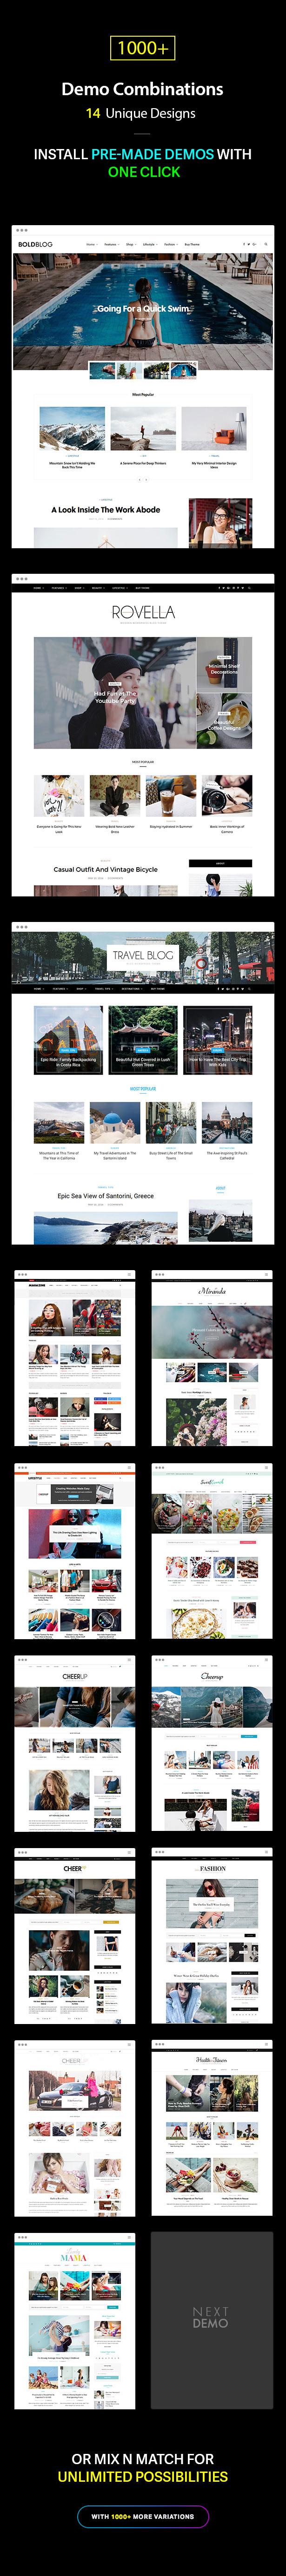 Múltiples diseños de blogs y revistas, más de 13 diseños únicos